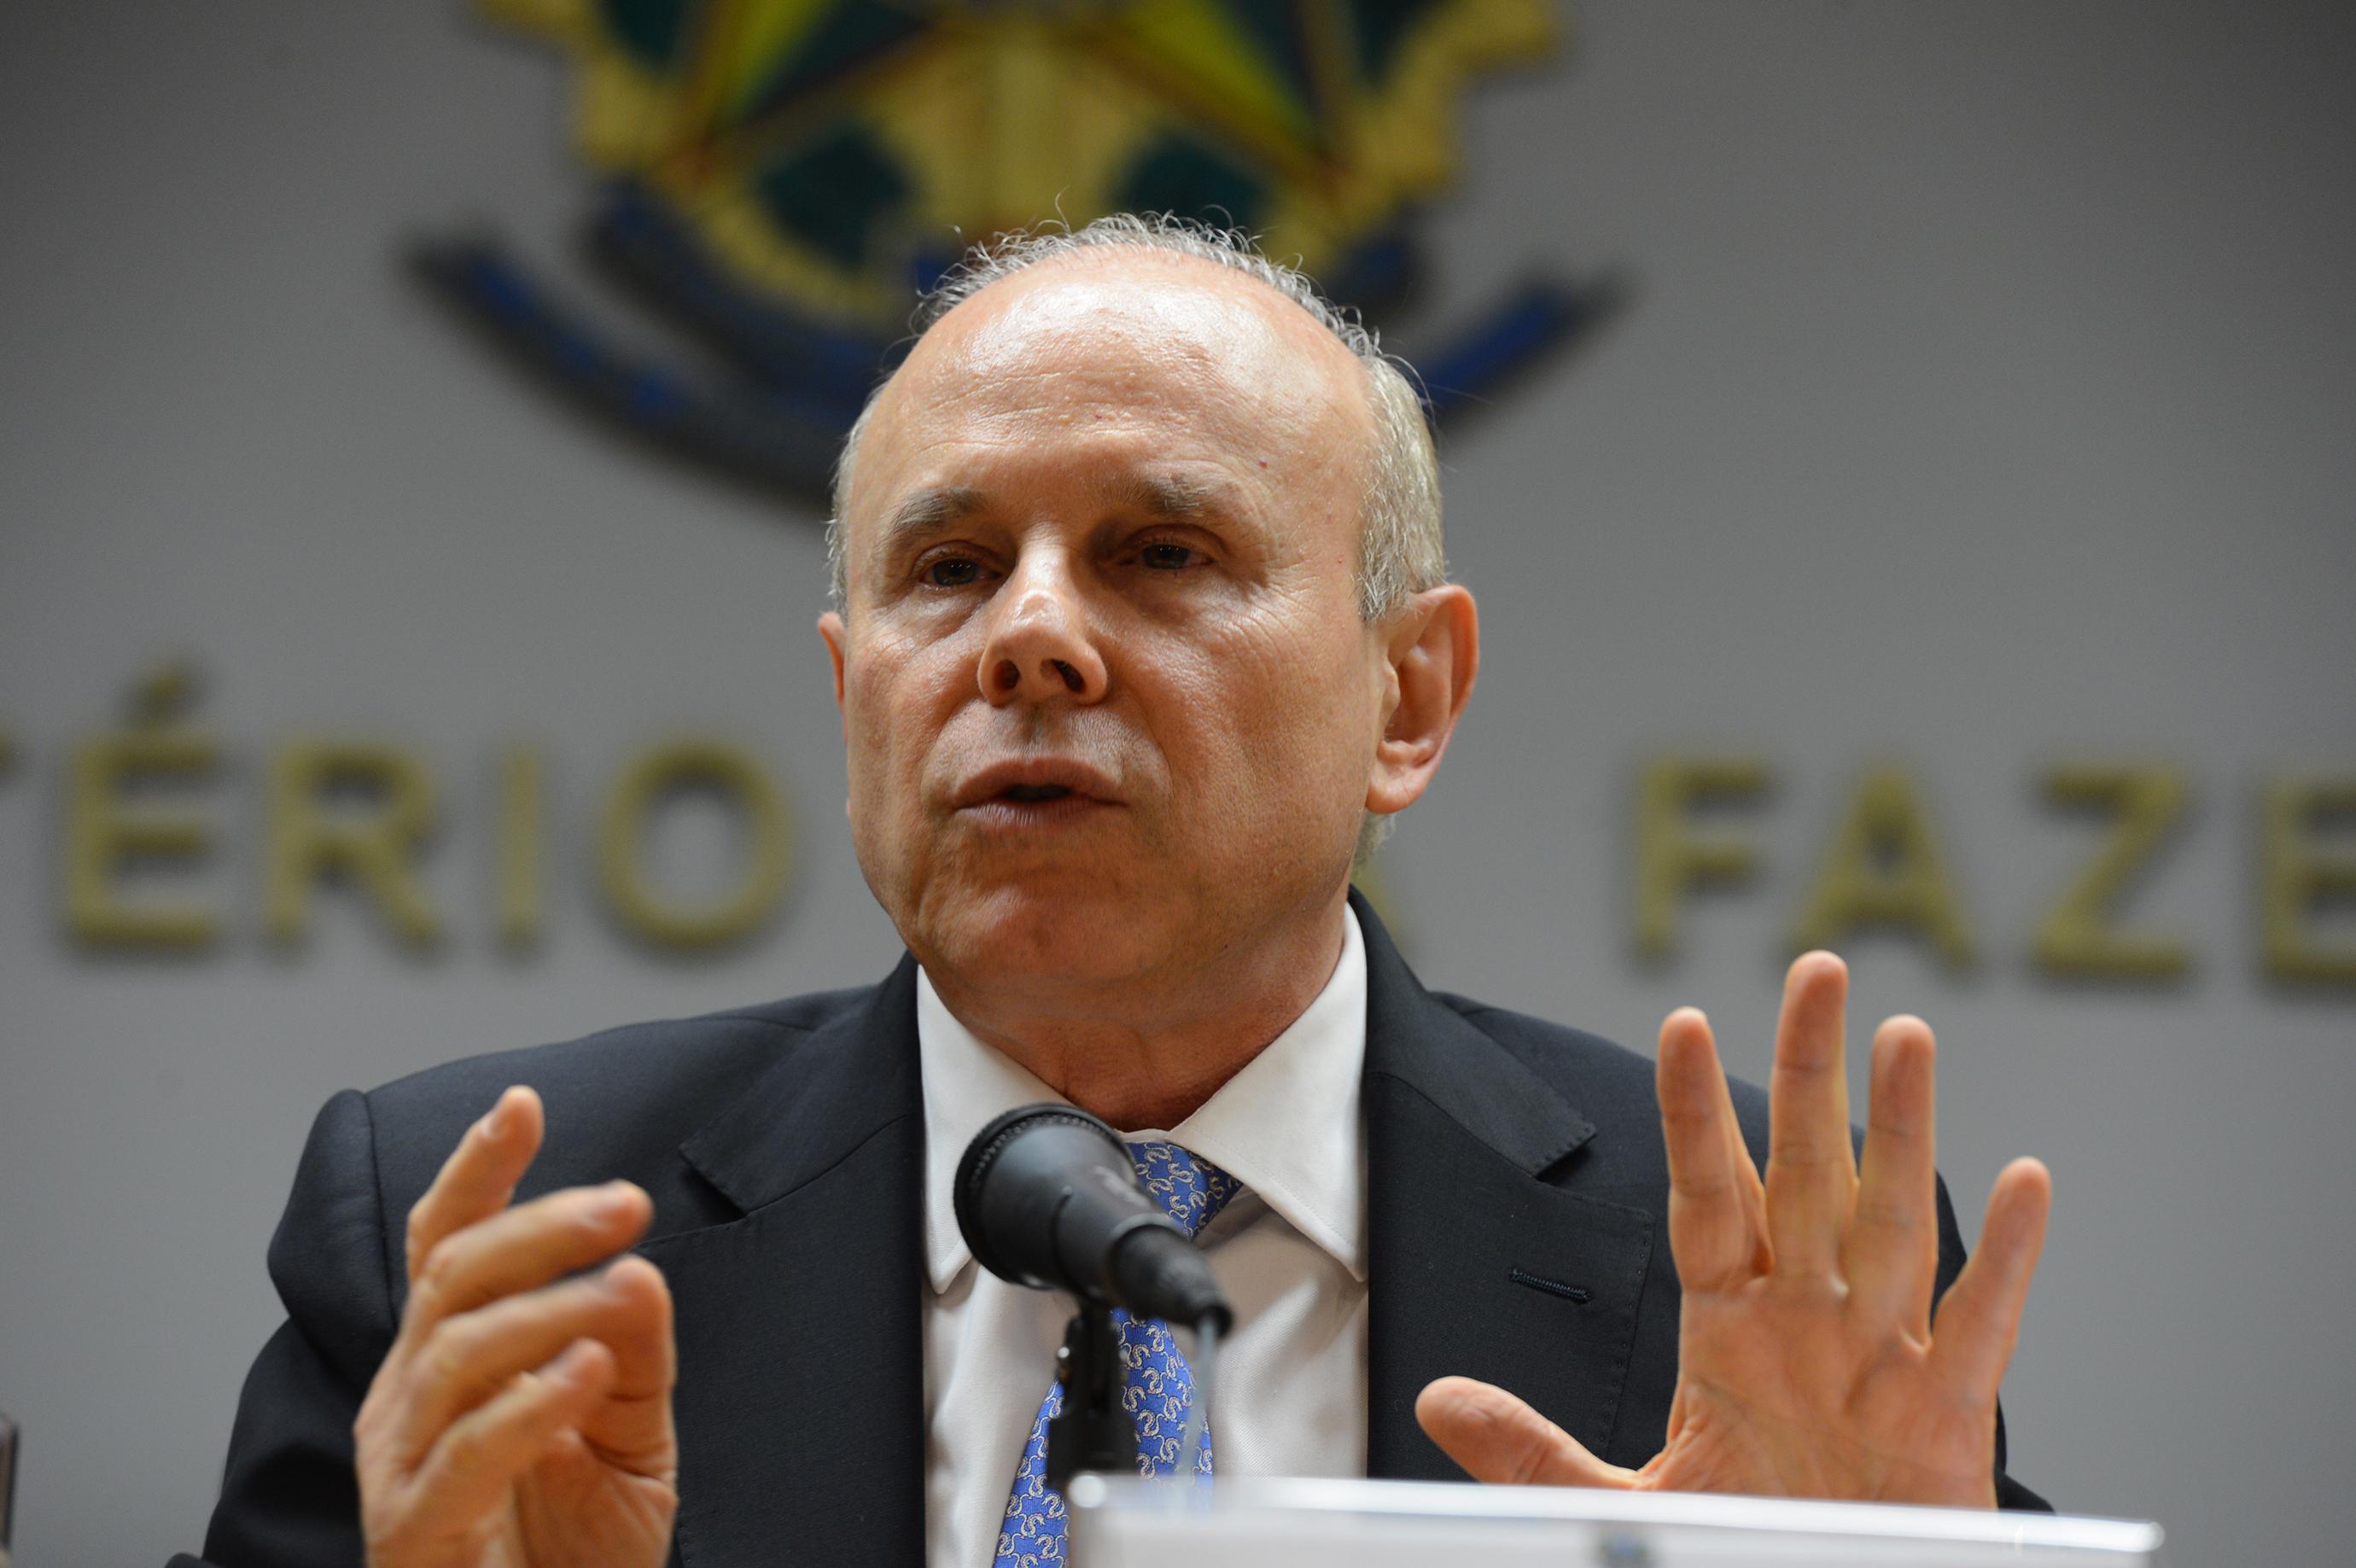 Guido Mantega, quien fuera encargado del ministerio de Hacienda fue detenido por el caso de fraude descubierto en Petrobras